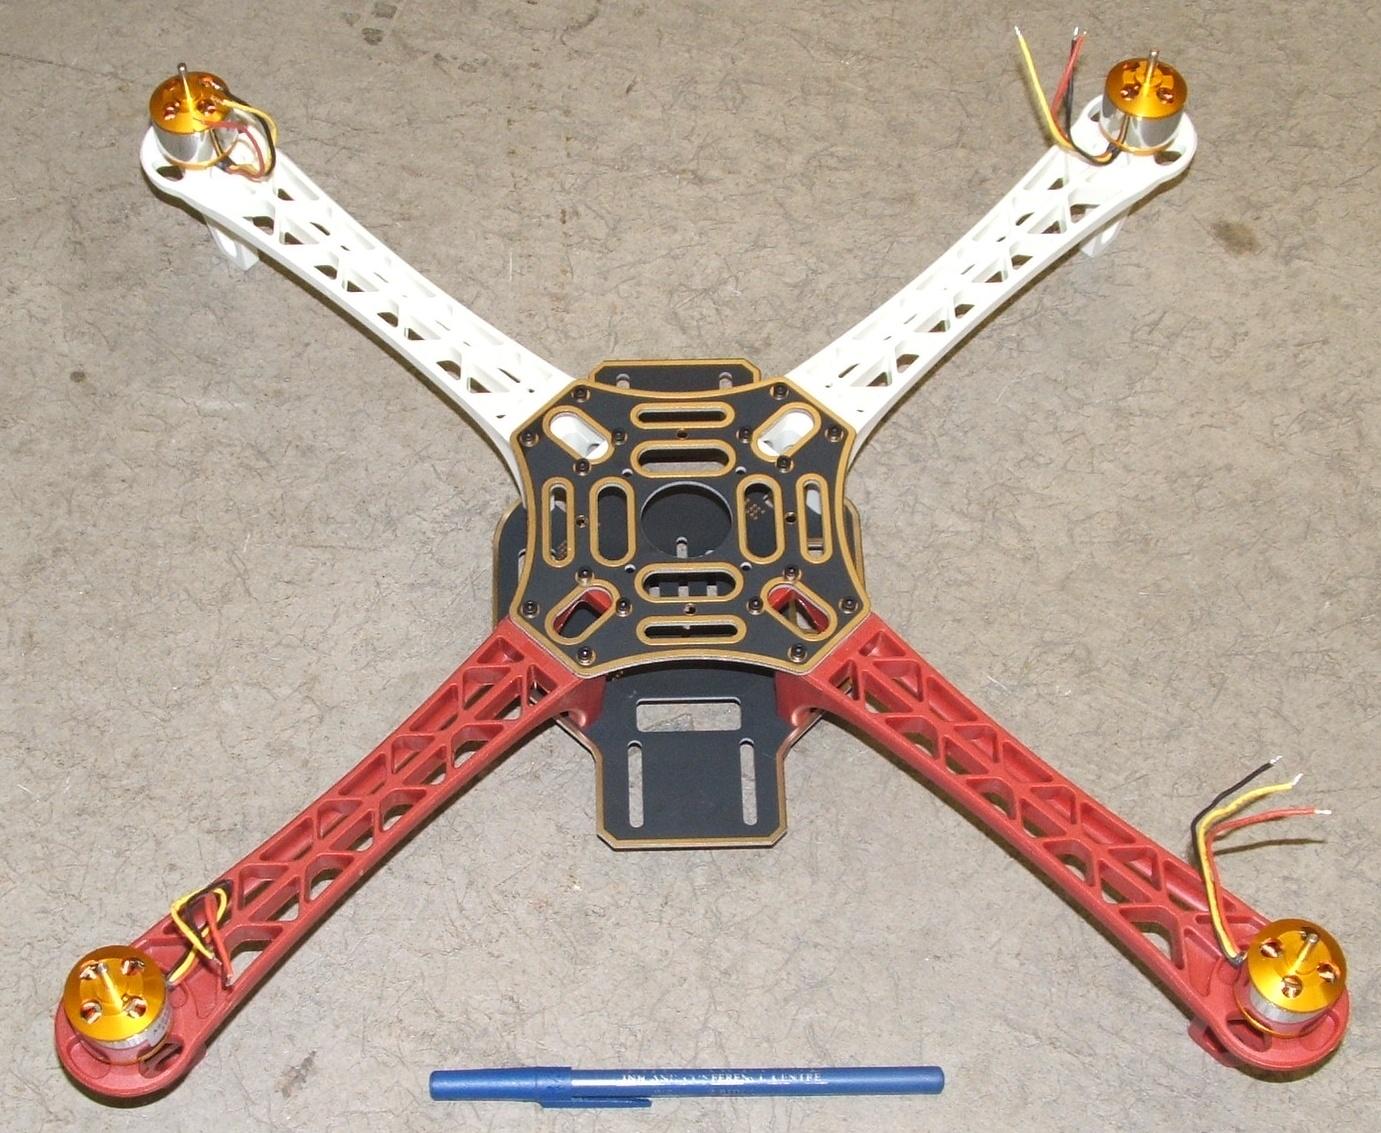 drone dji  | 720 x 540